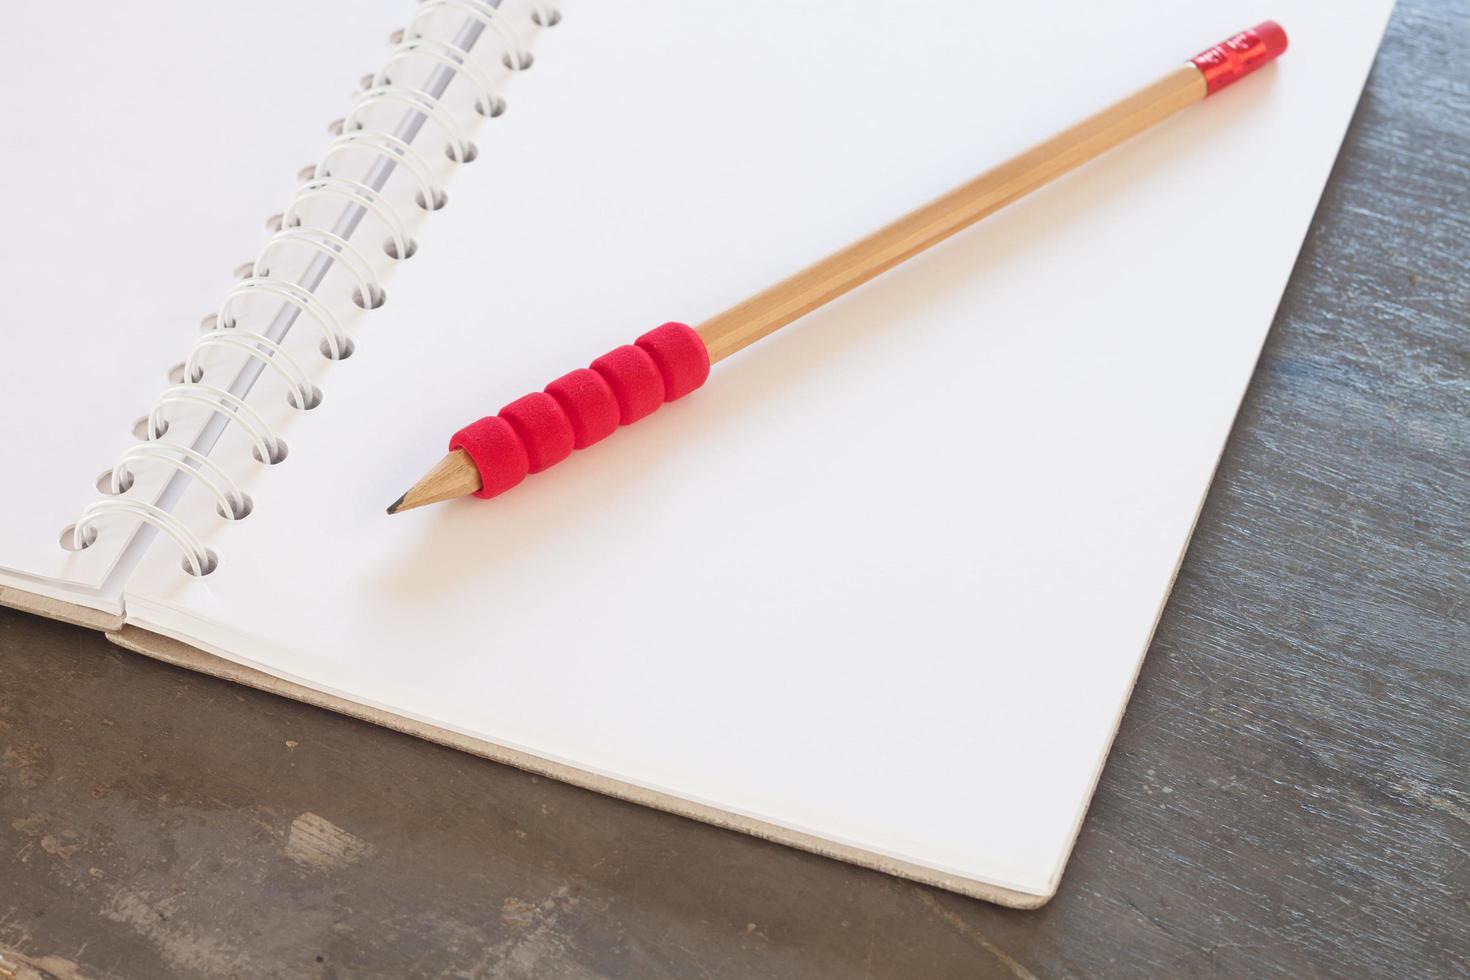 Cuaderno en blanco con lápiz sobre un fondo gris foto